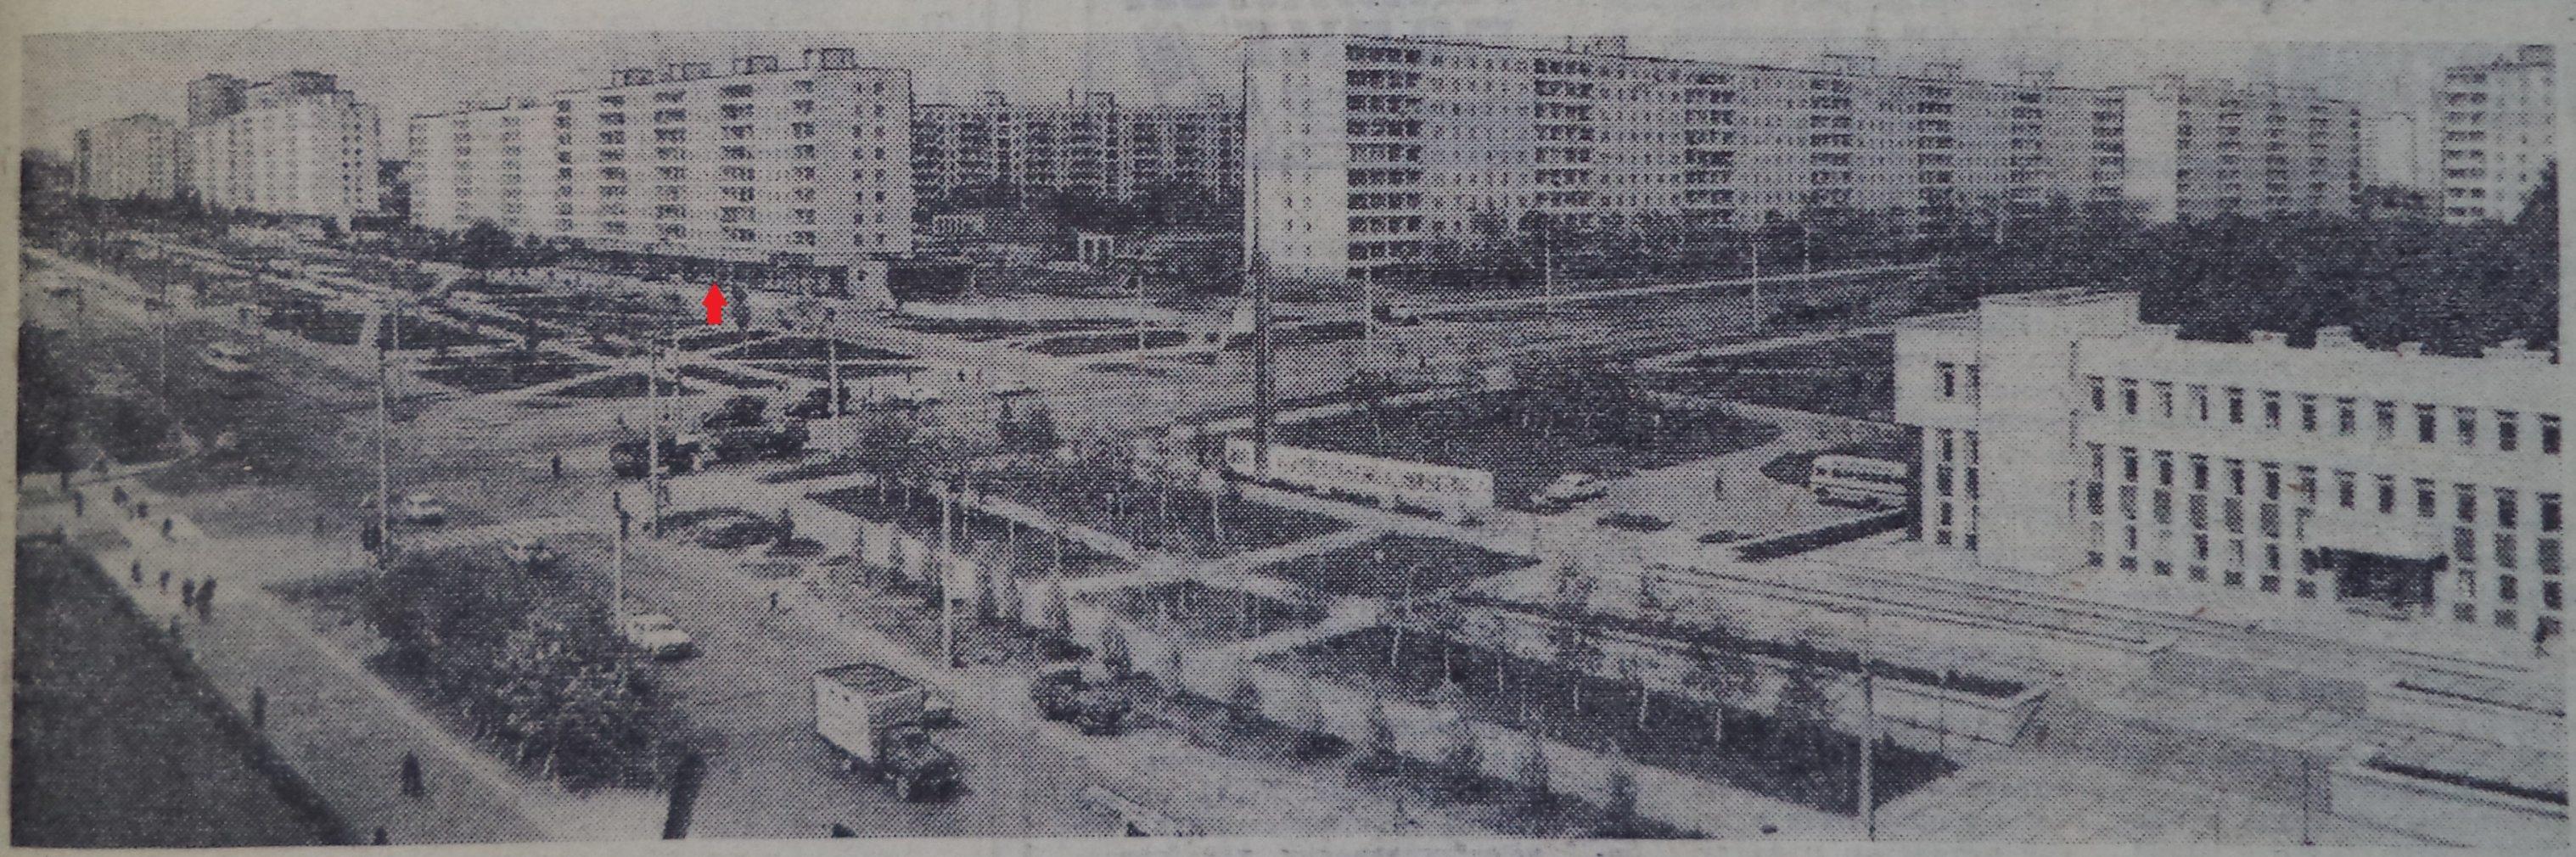 Стара Загора-ФОТО-089-Луч-1982-9 июня-2-min